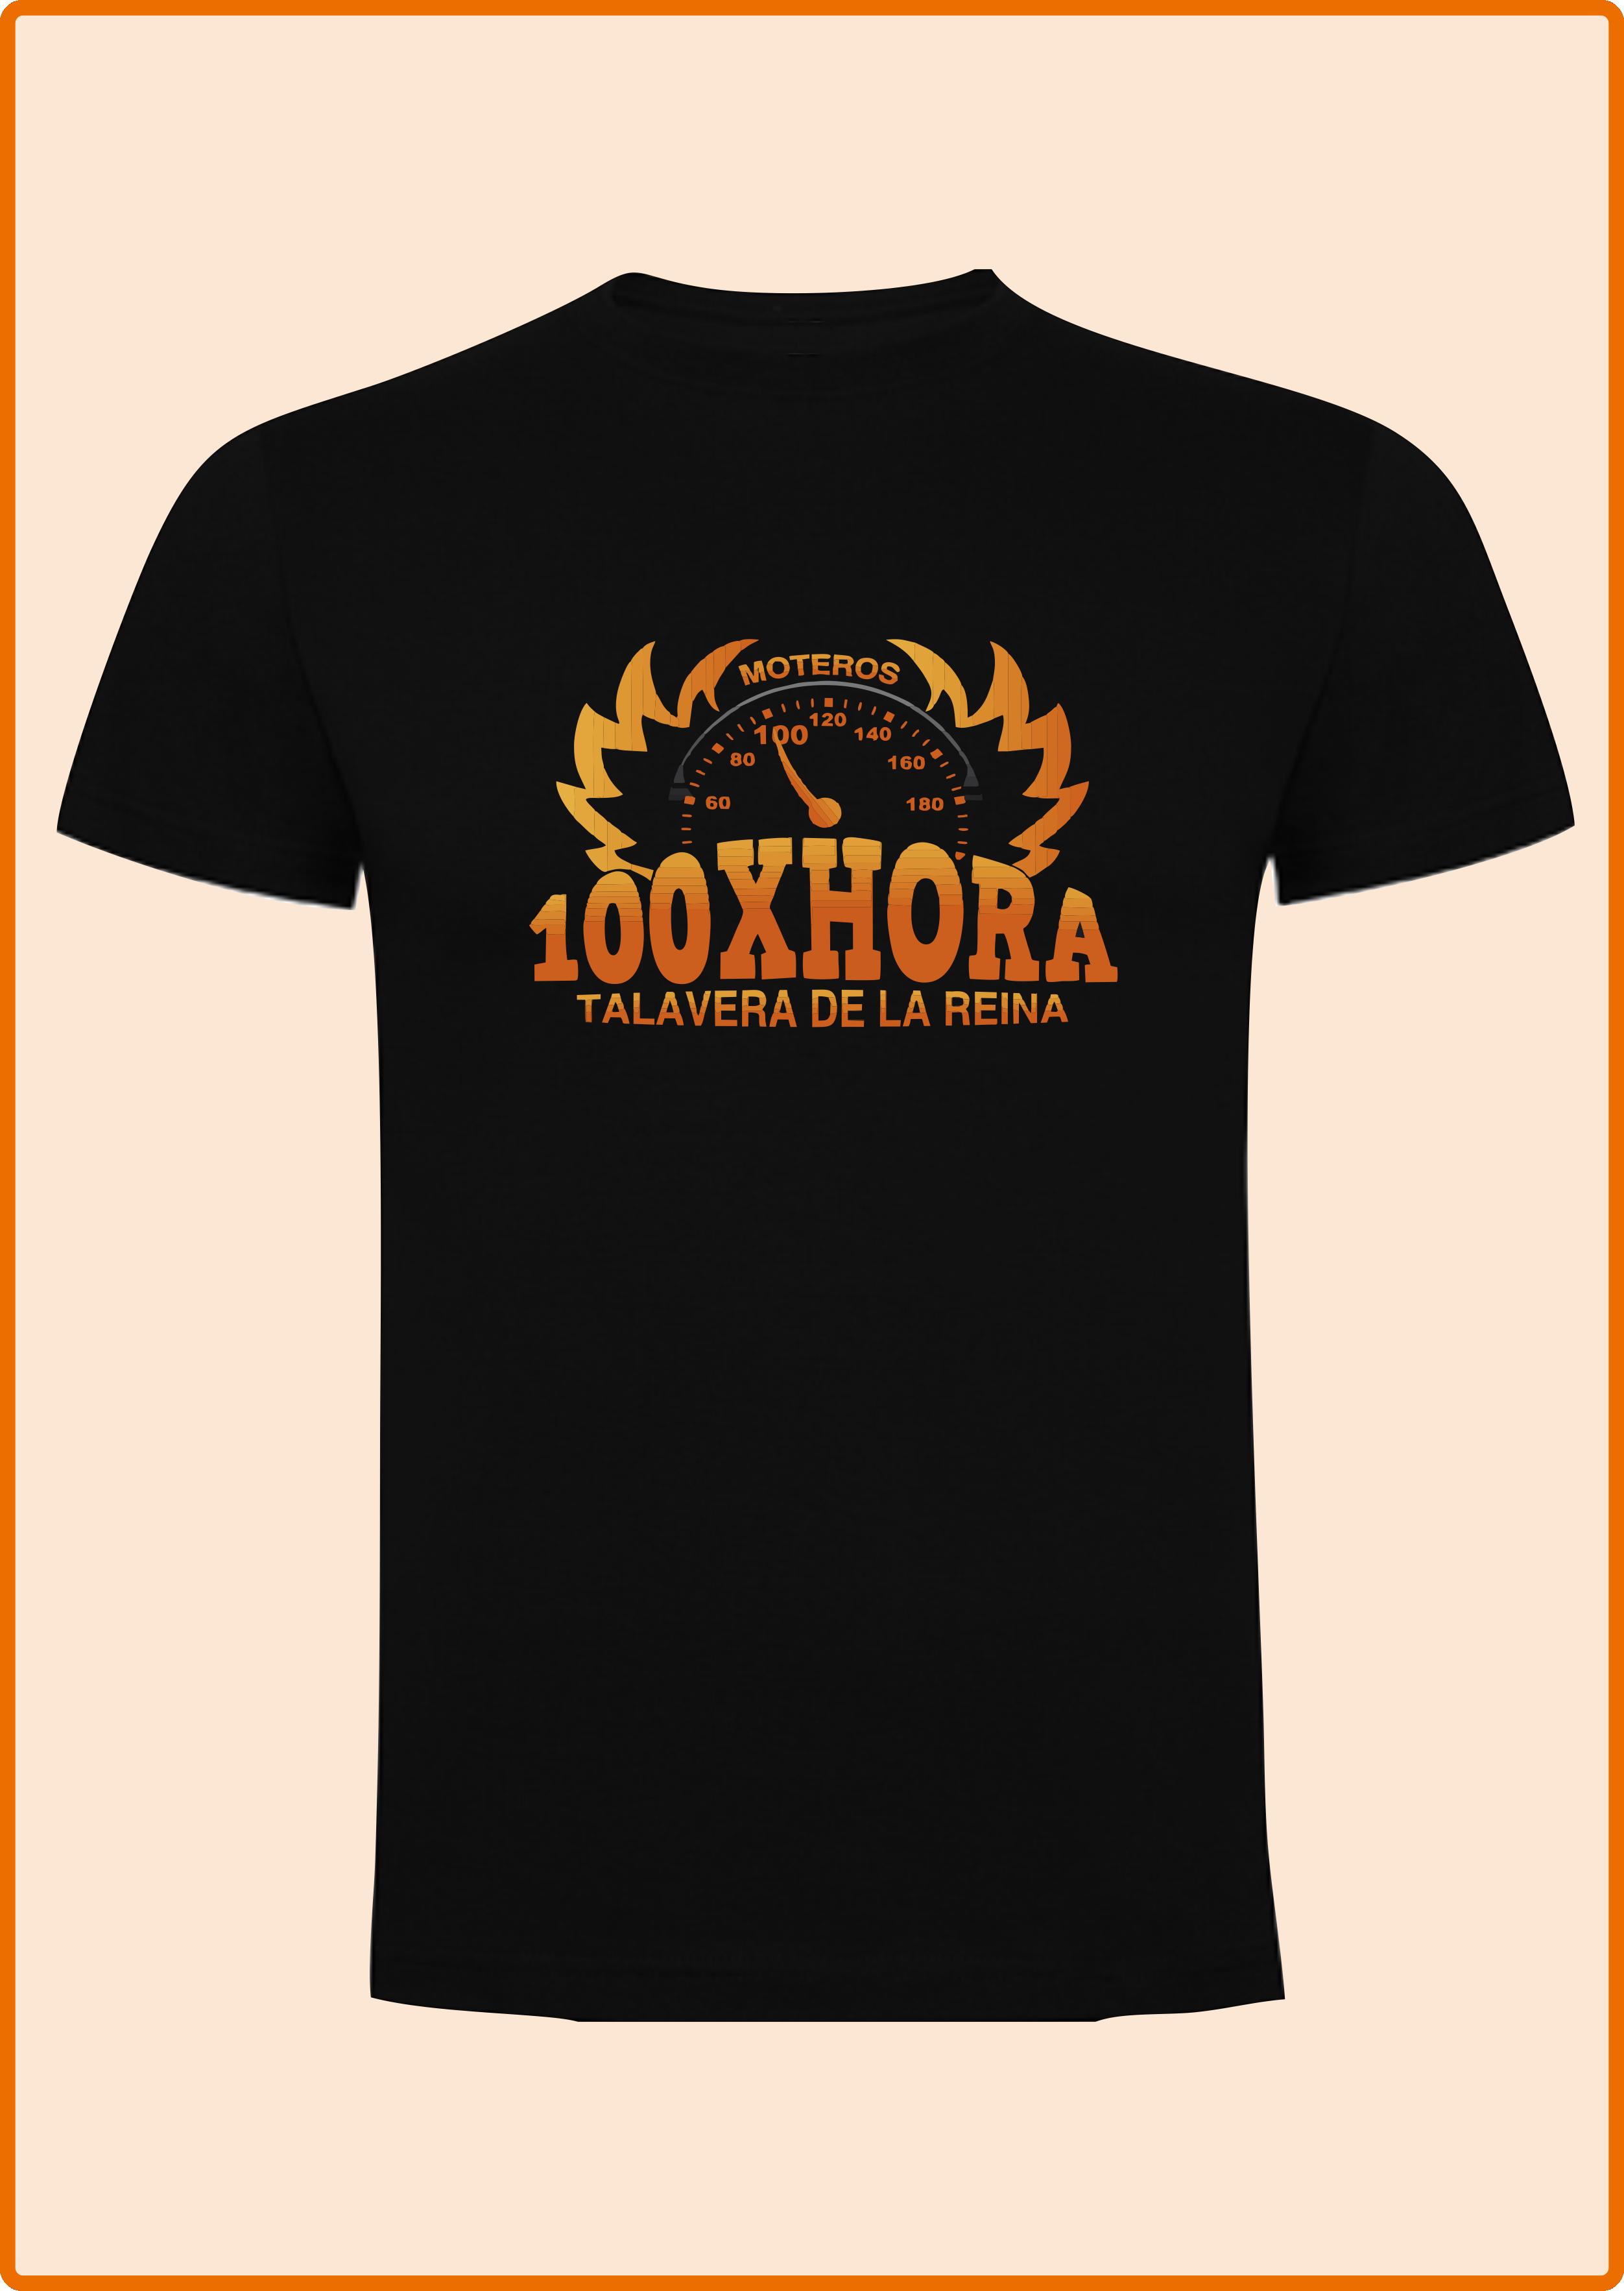 Camiseta Negra M C - Estampación de camisetas, sudaderas, equipaciones deportivas